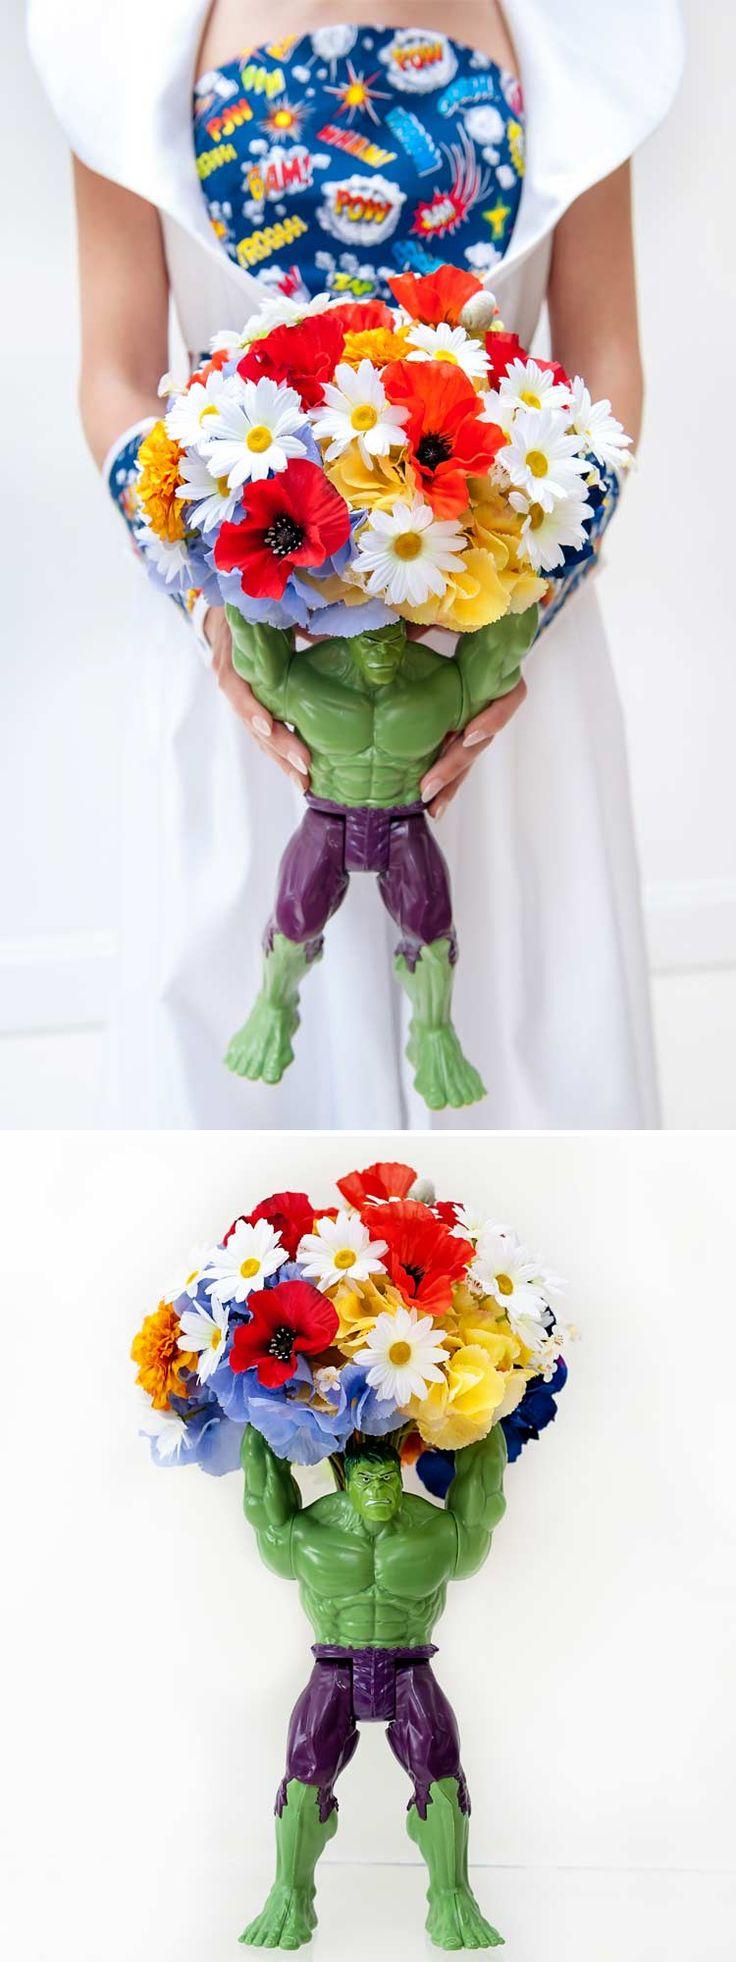 Superhero Themed Weddings Ideas for a Comic